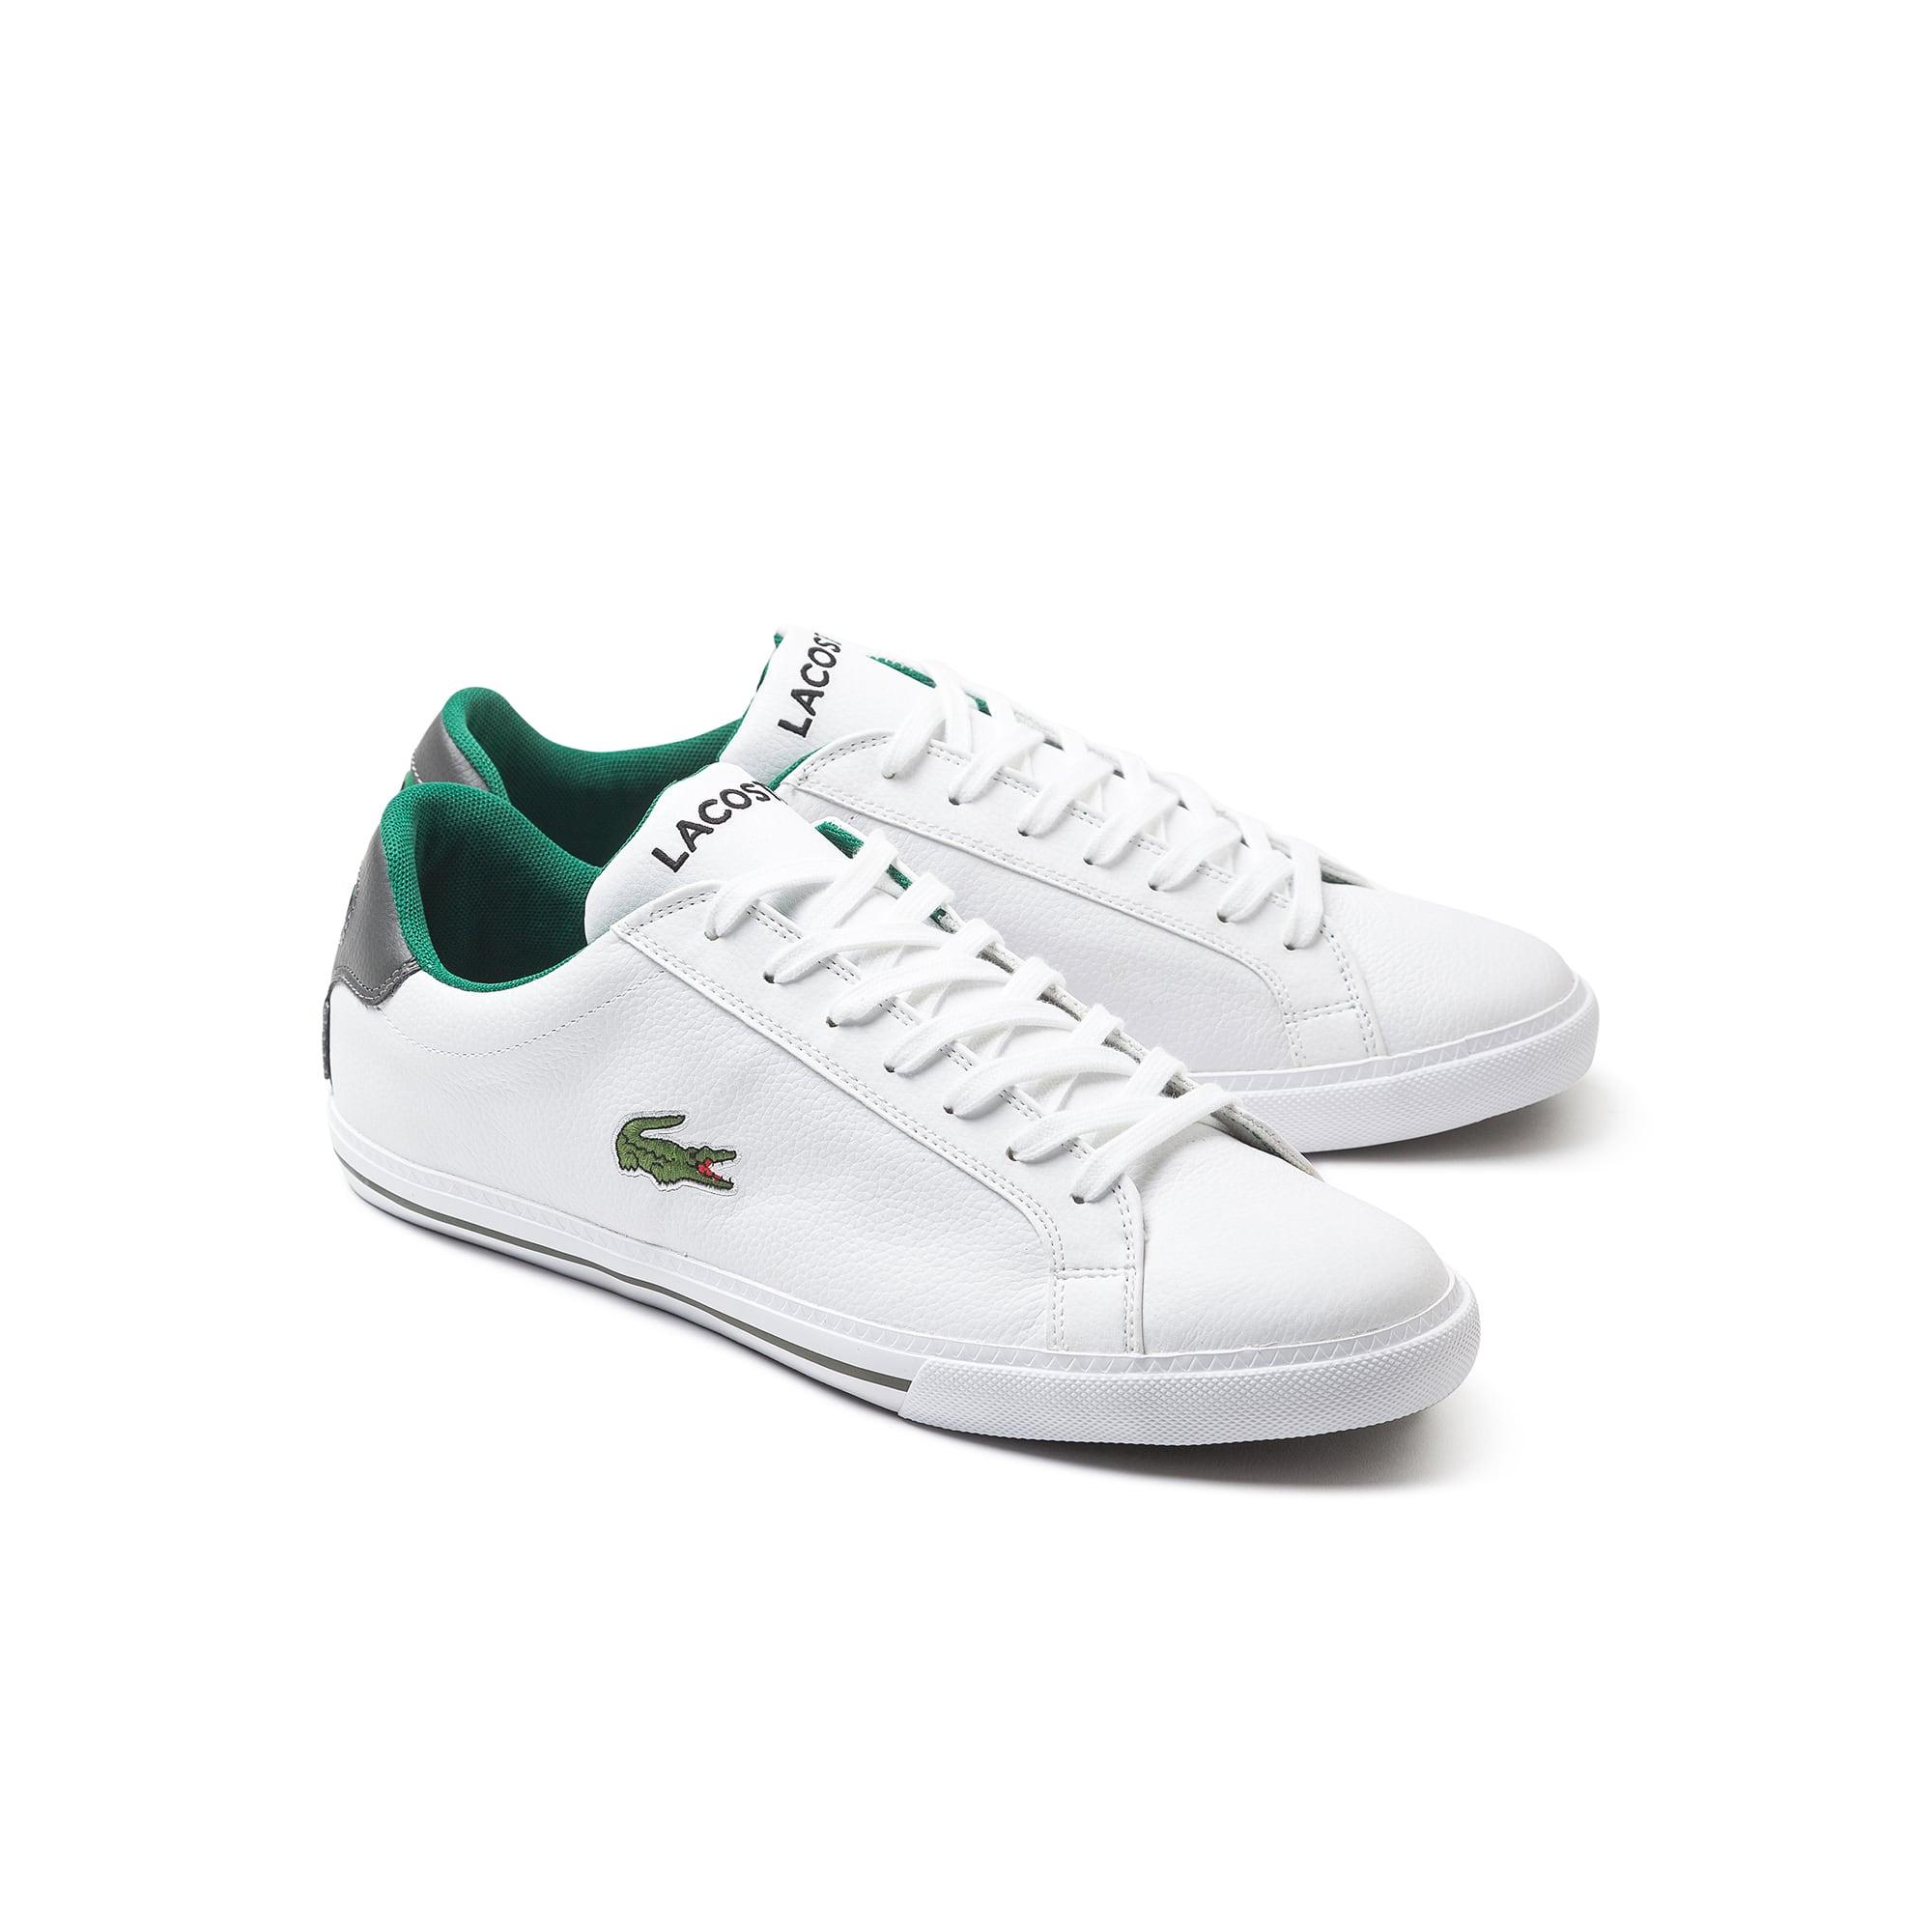 Lacoste Men's Grad Vulc Ts Sneakers In